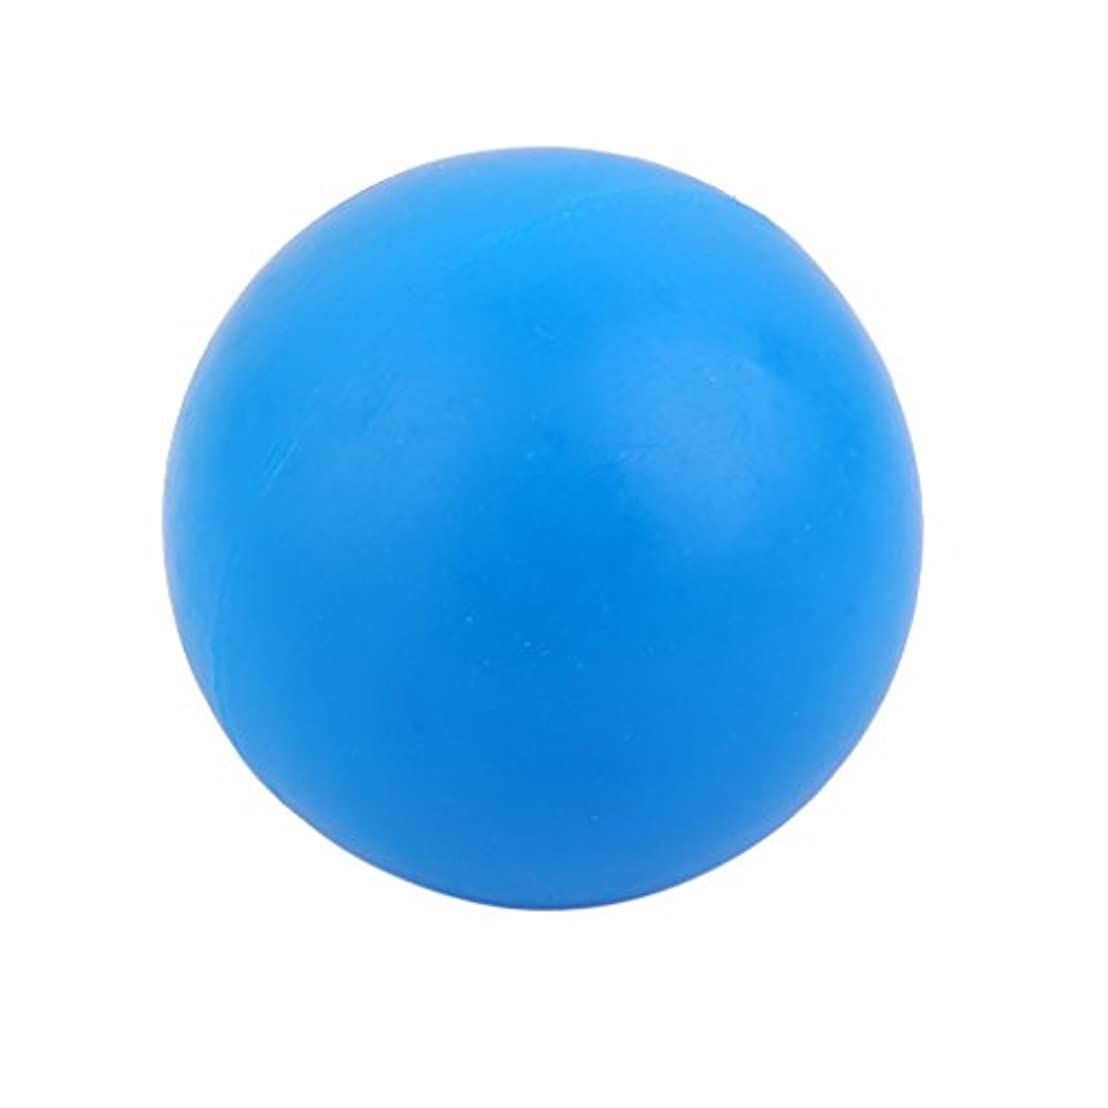 一次シダ演劇CUTICATE マッサージボール 反応ボール トレーニングボール